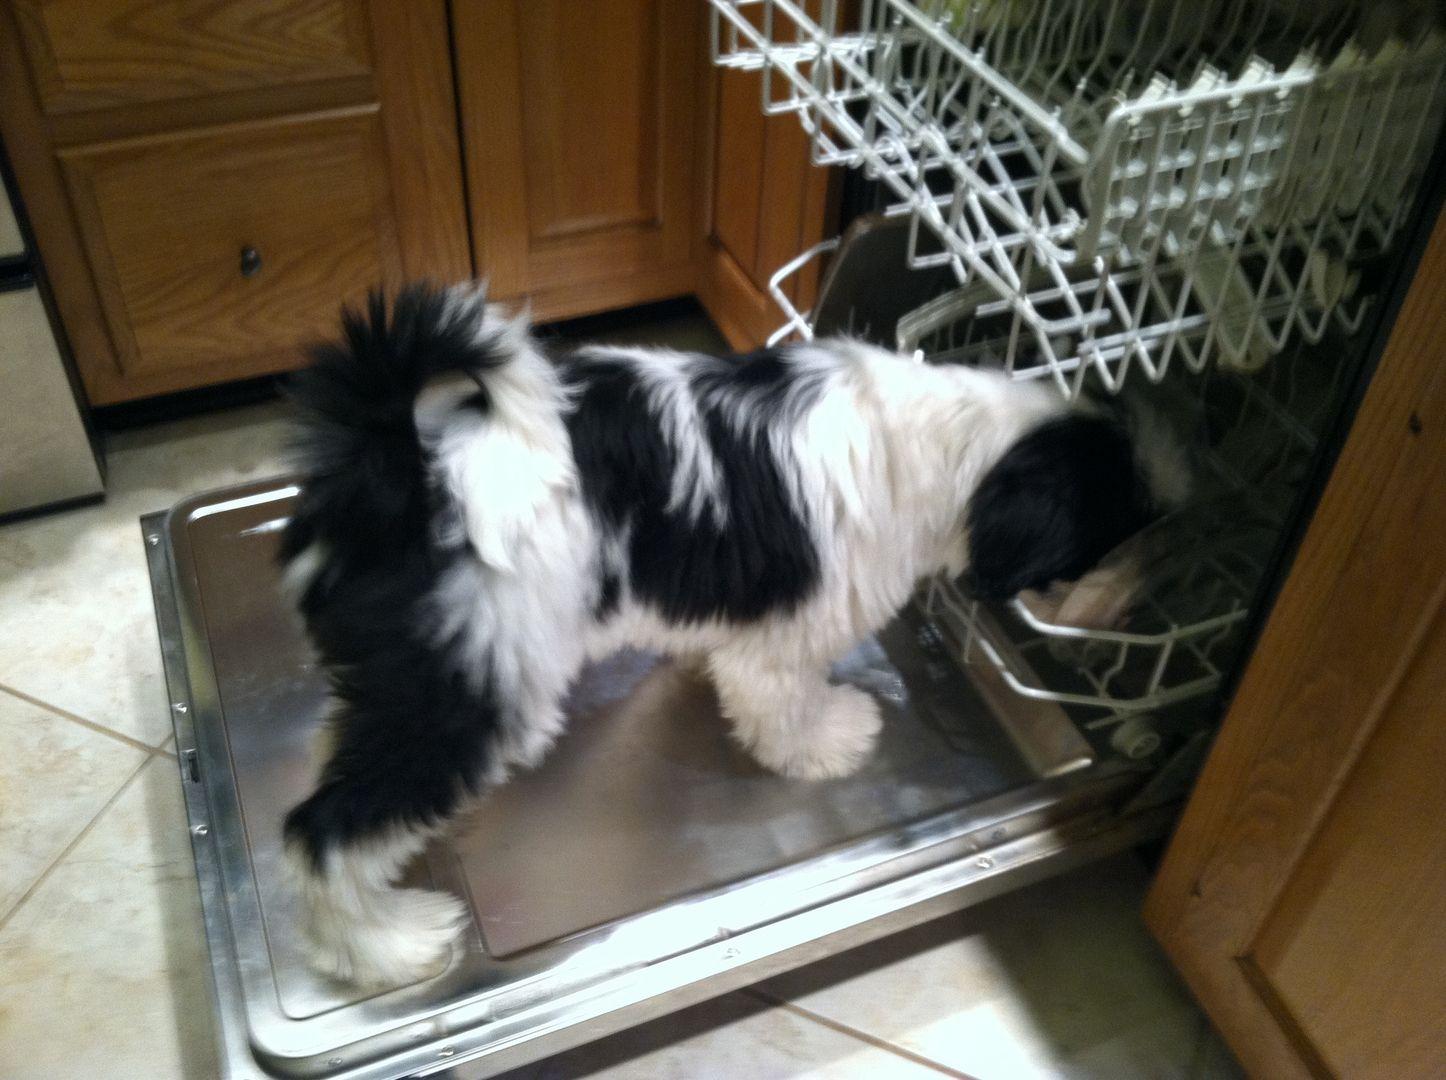 Tibetan Terrier Puppies For Sale Minneapolis Mn Terrier Puppies Tibetan Terrier Puppies